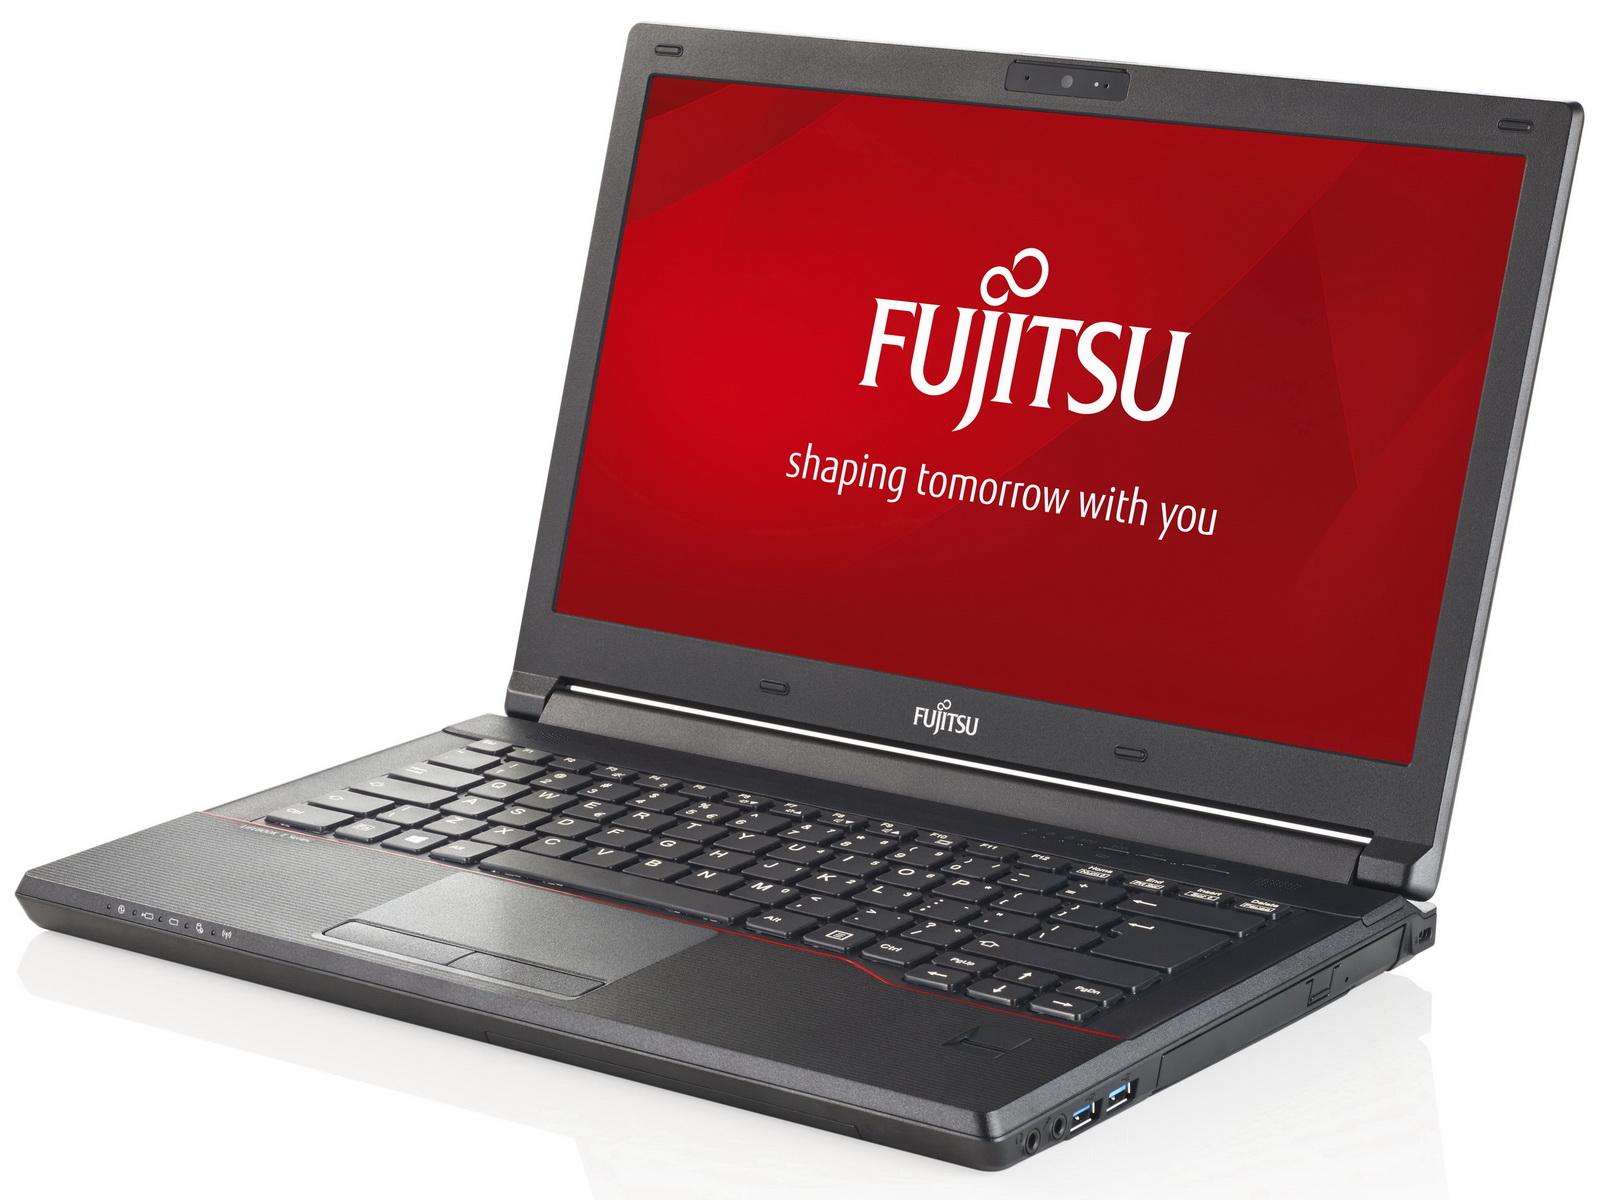 Laptop FUJITSU SIEMENS Lifebook E544, Intel Core i3-4000M 2.40GHz, 16GB DDR3, 500GB HDD, 14 Inch